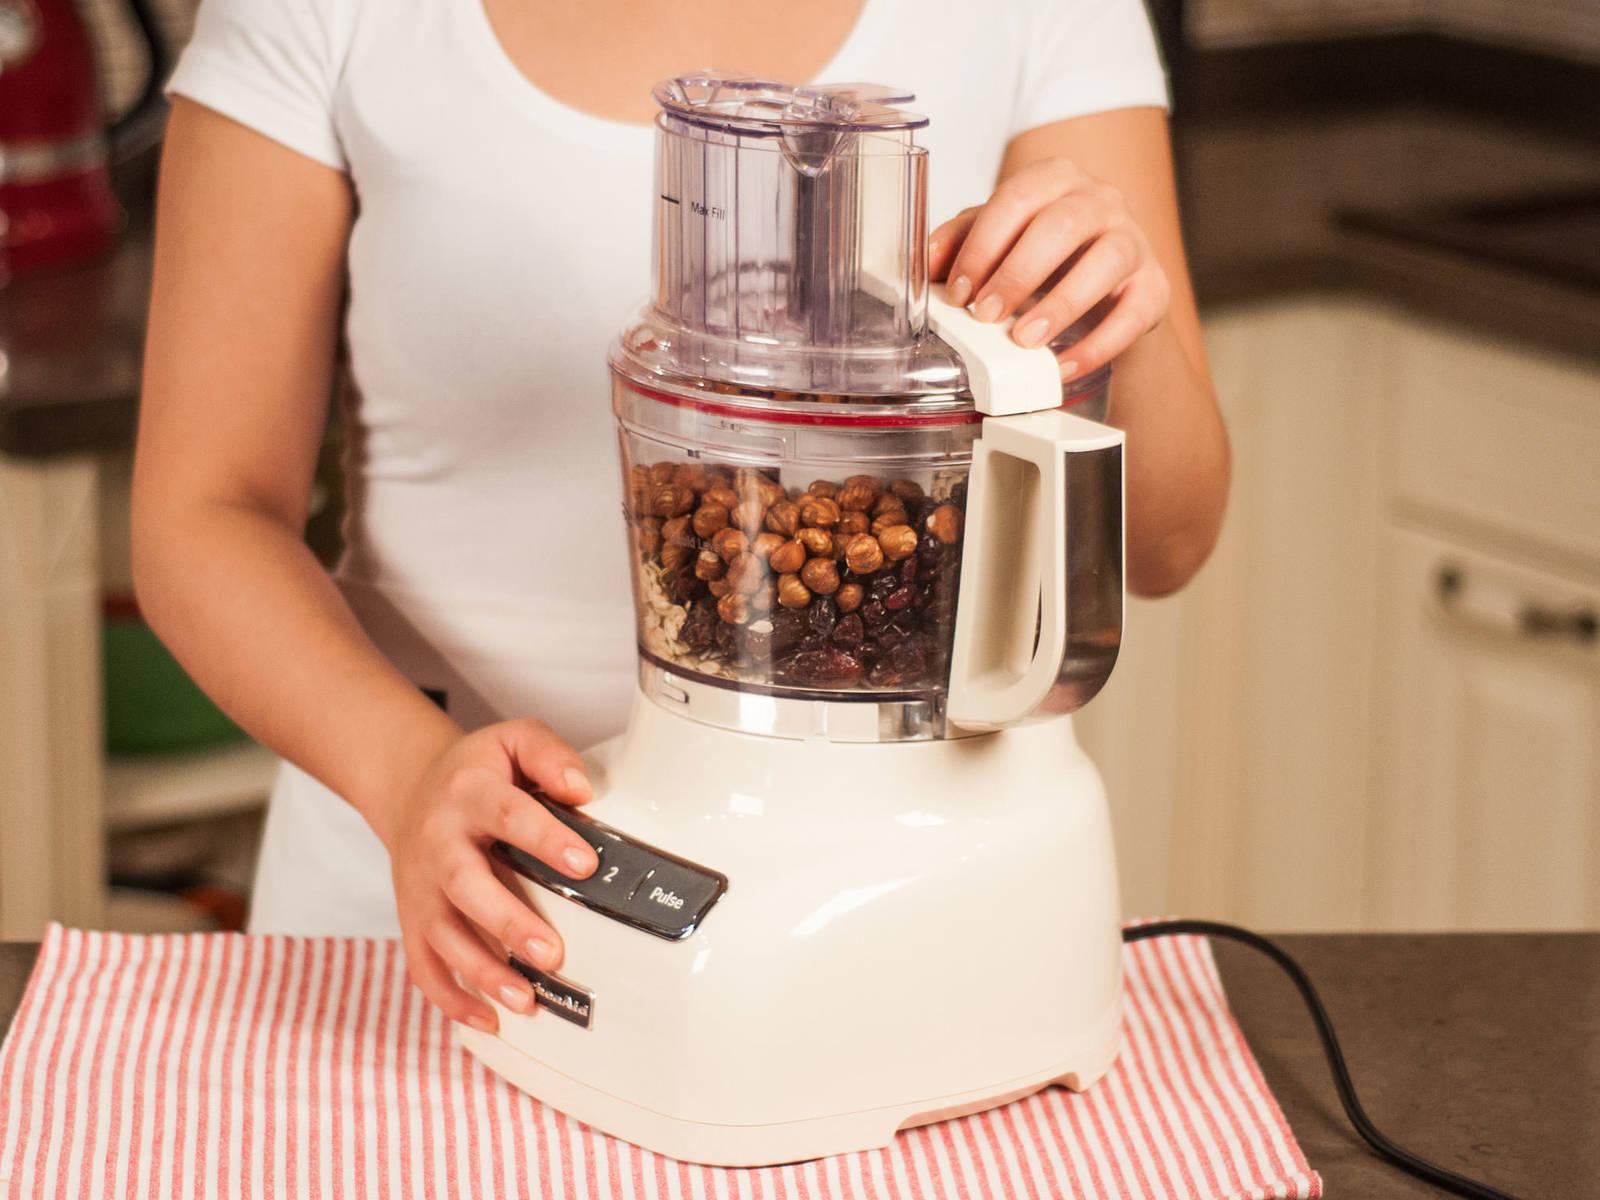 Für ca. 1 - 2 Min. mixen, bis alle Zutaten gut zerkleinert sind.